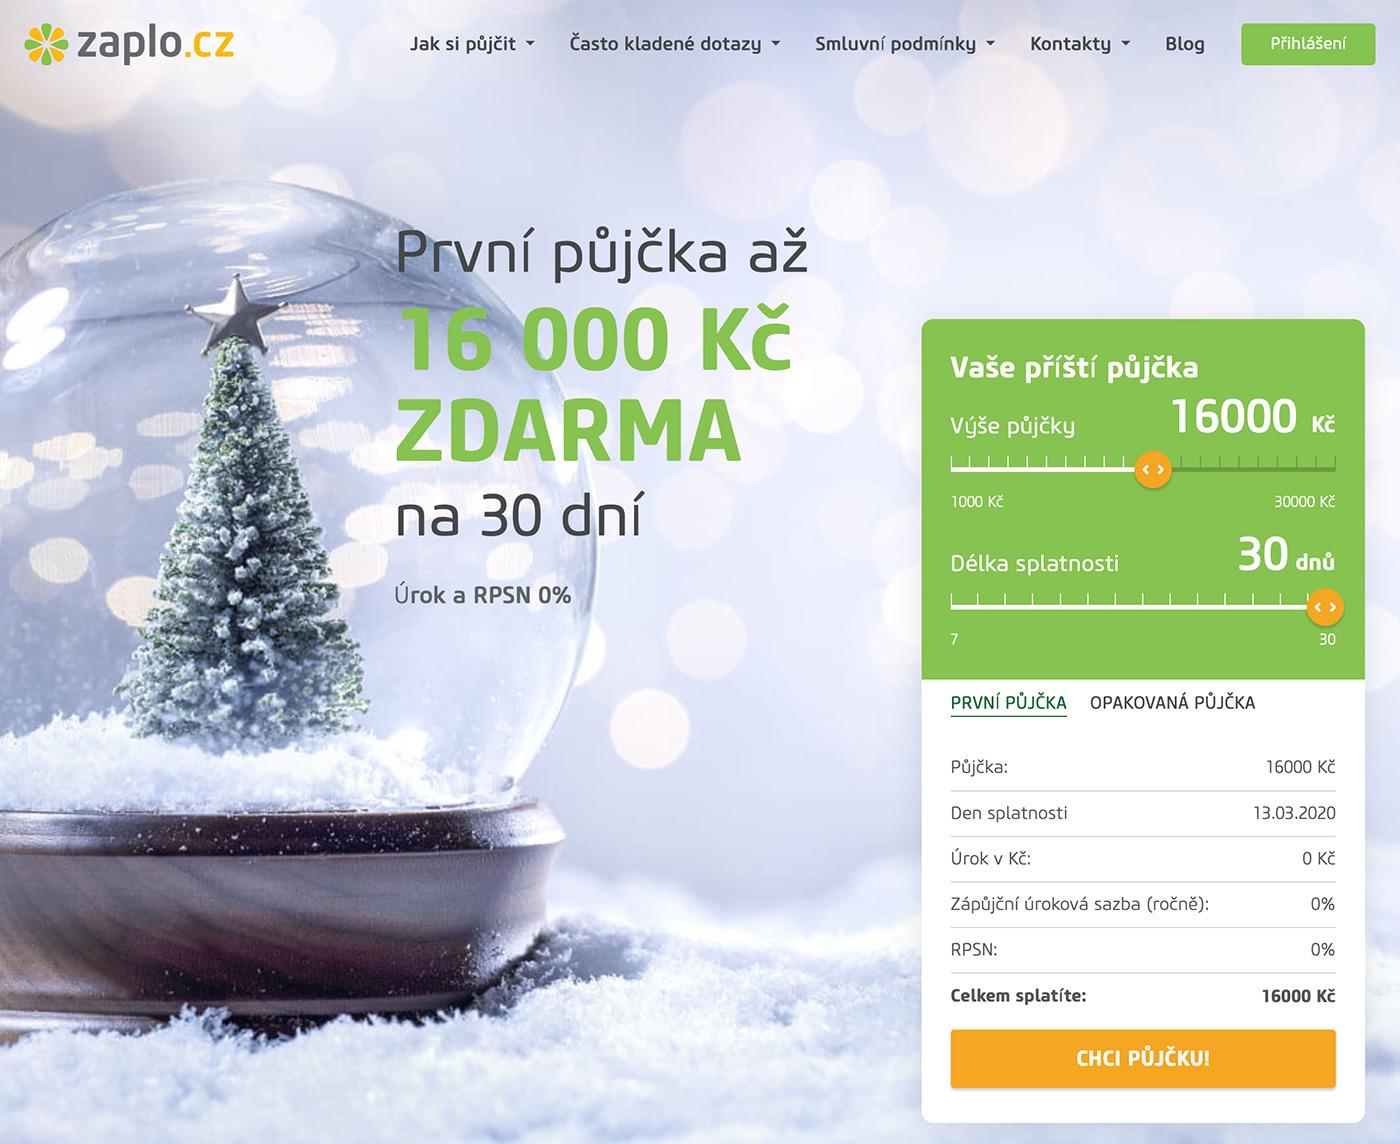 Titulní stránka webu www.zaplo.cz s formulářem pro online žádost